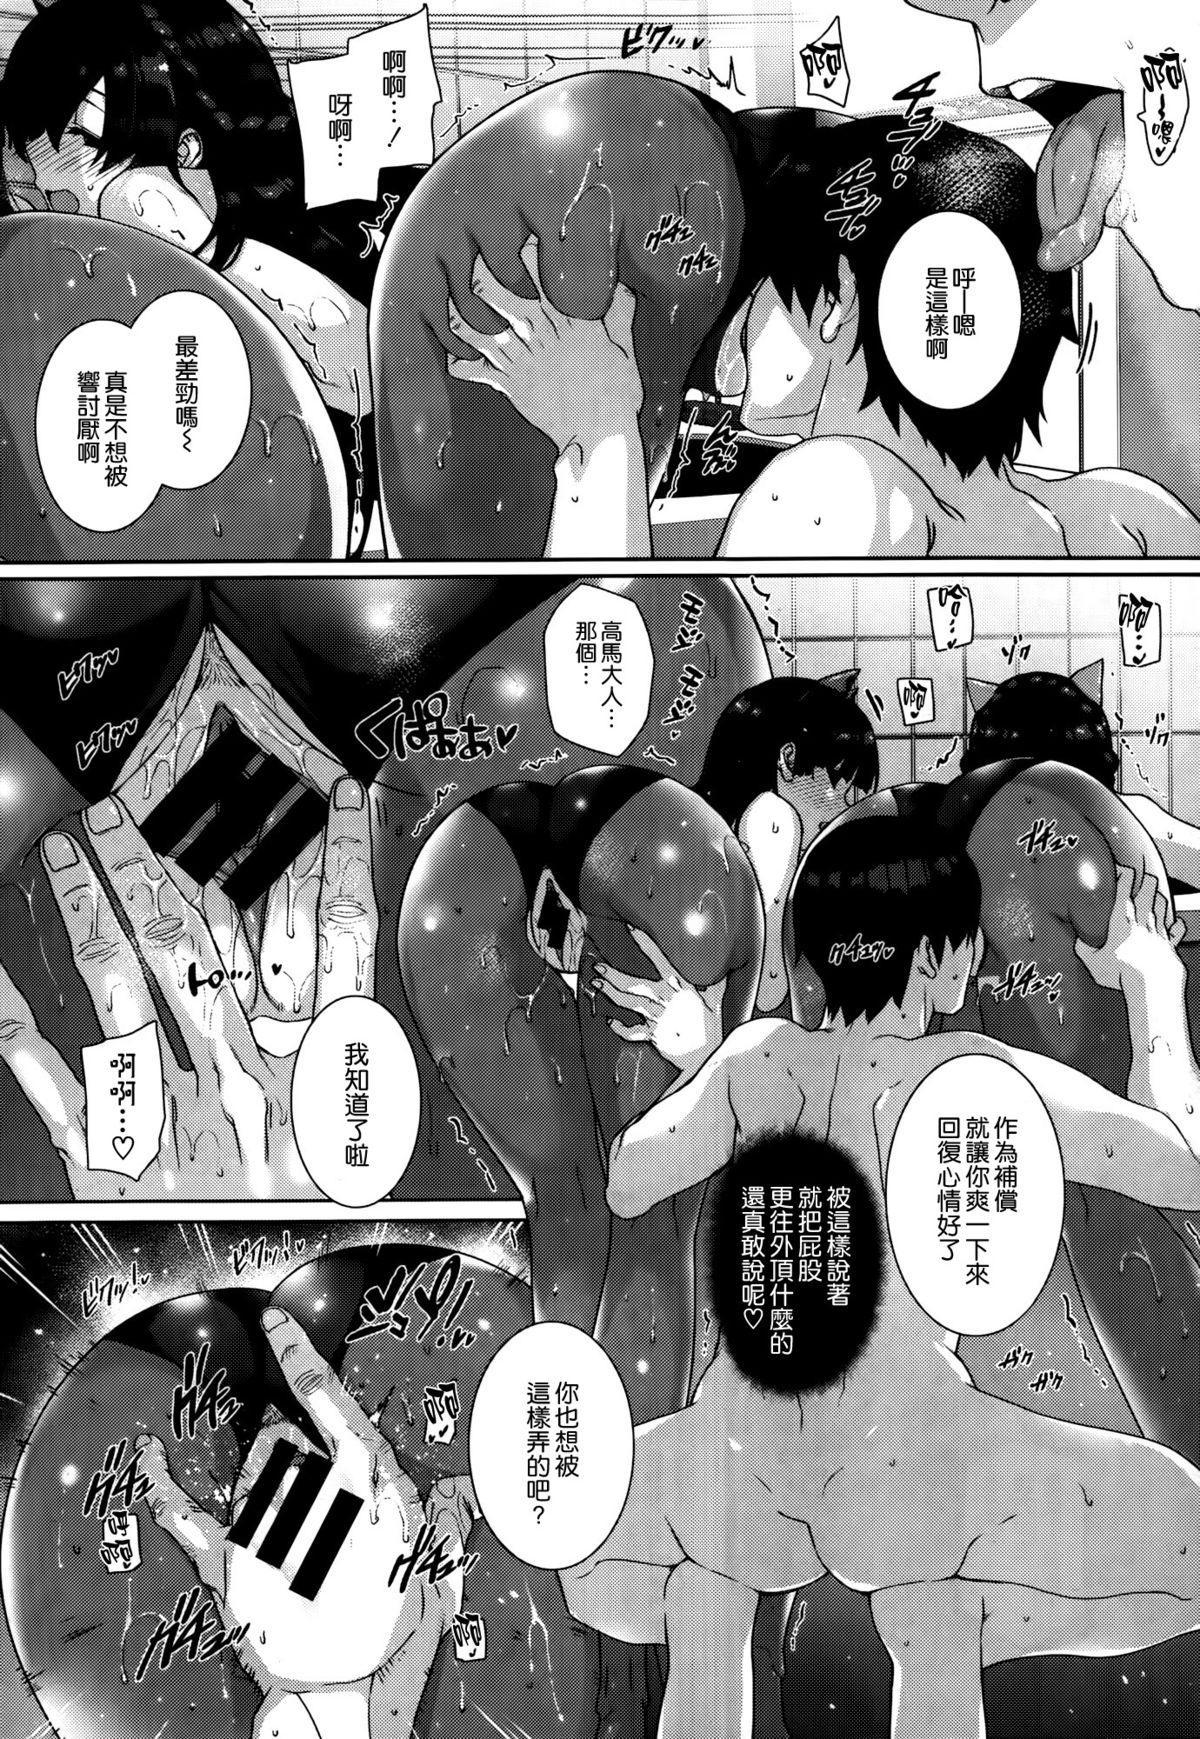 Amatsuka Gakuen no Ryoukan Seikatsu 15